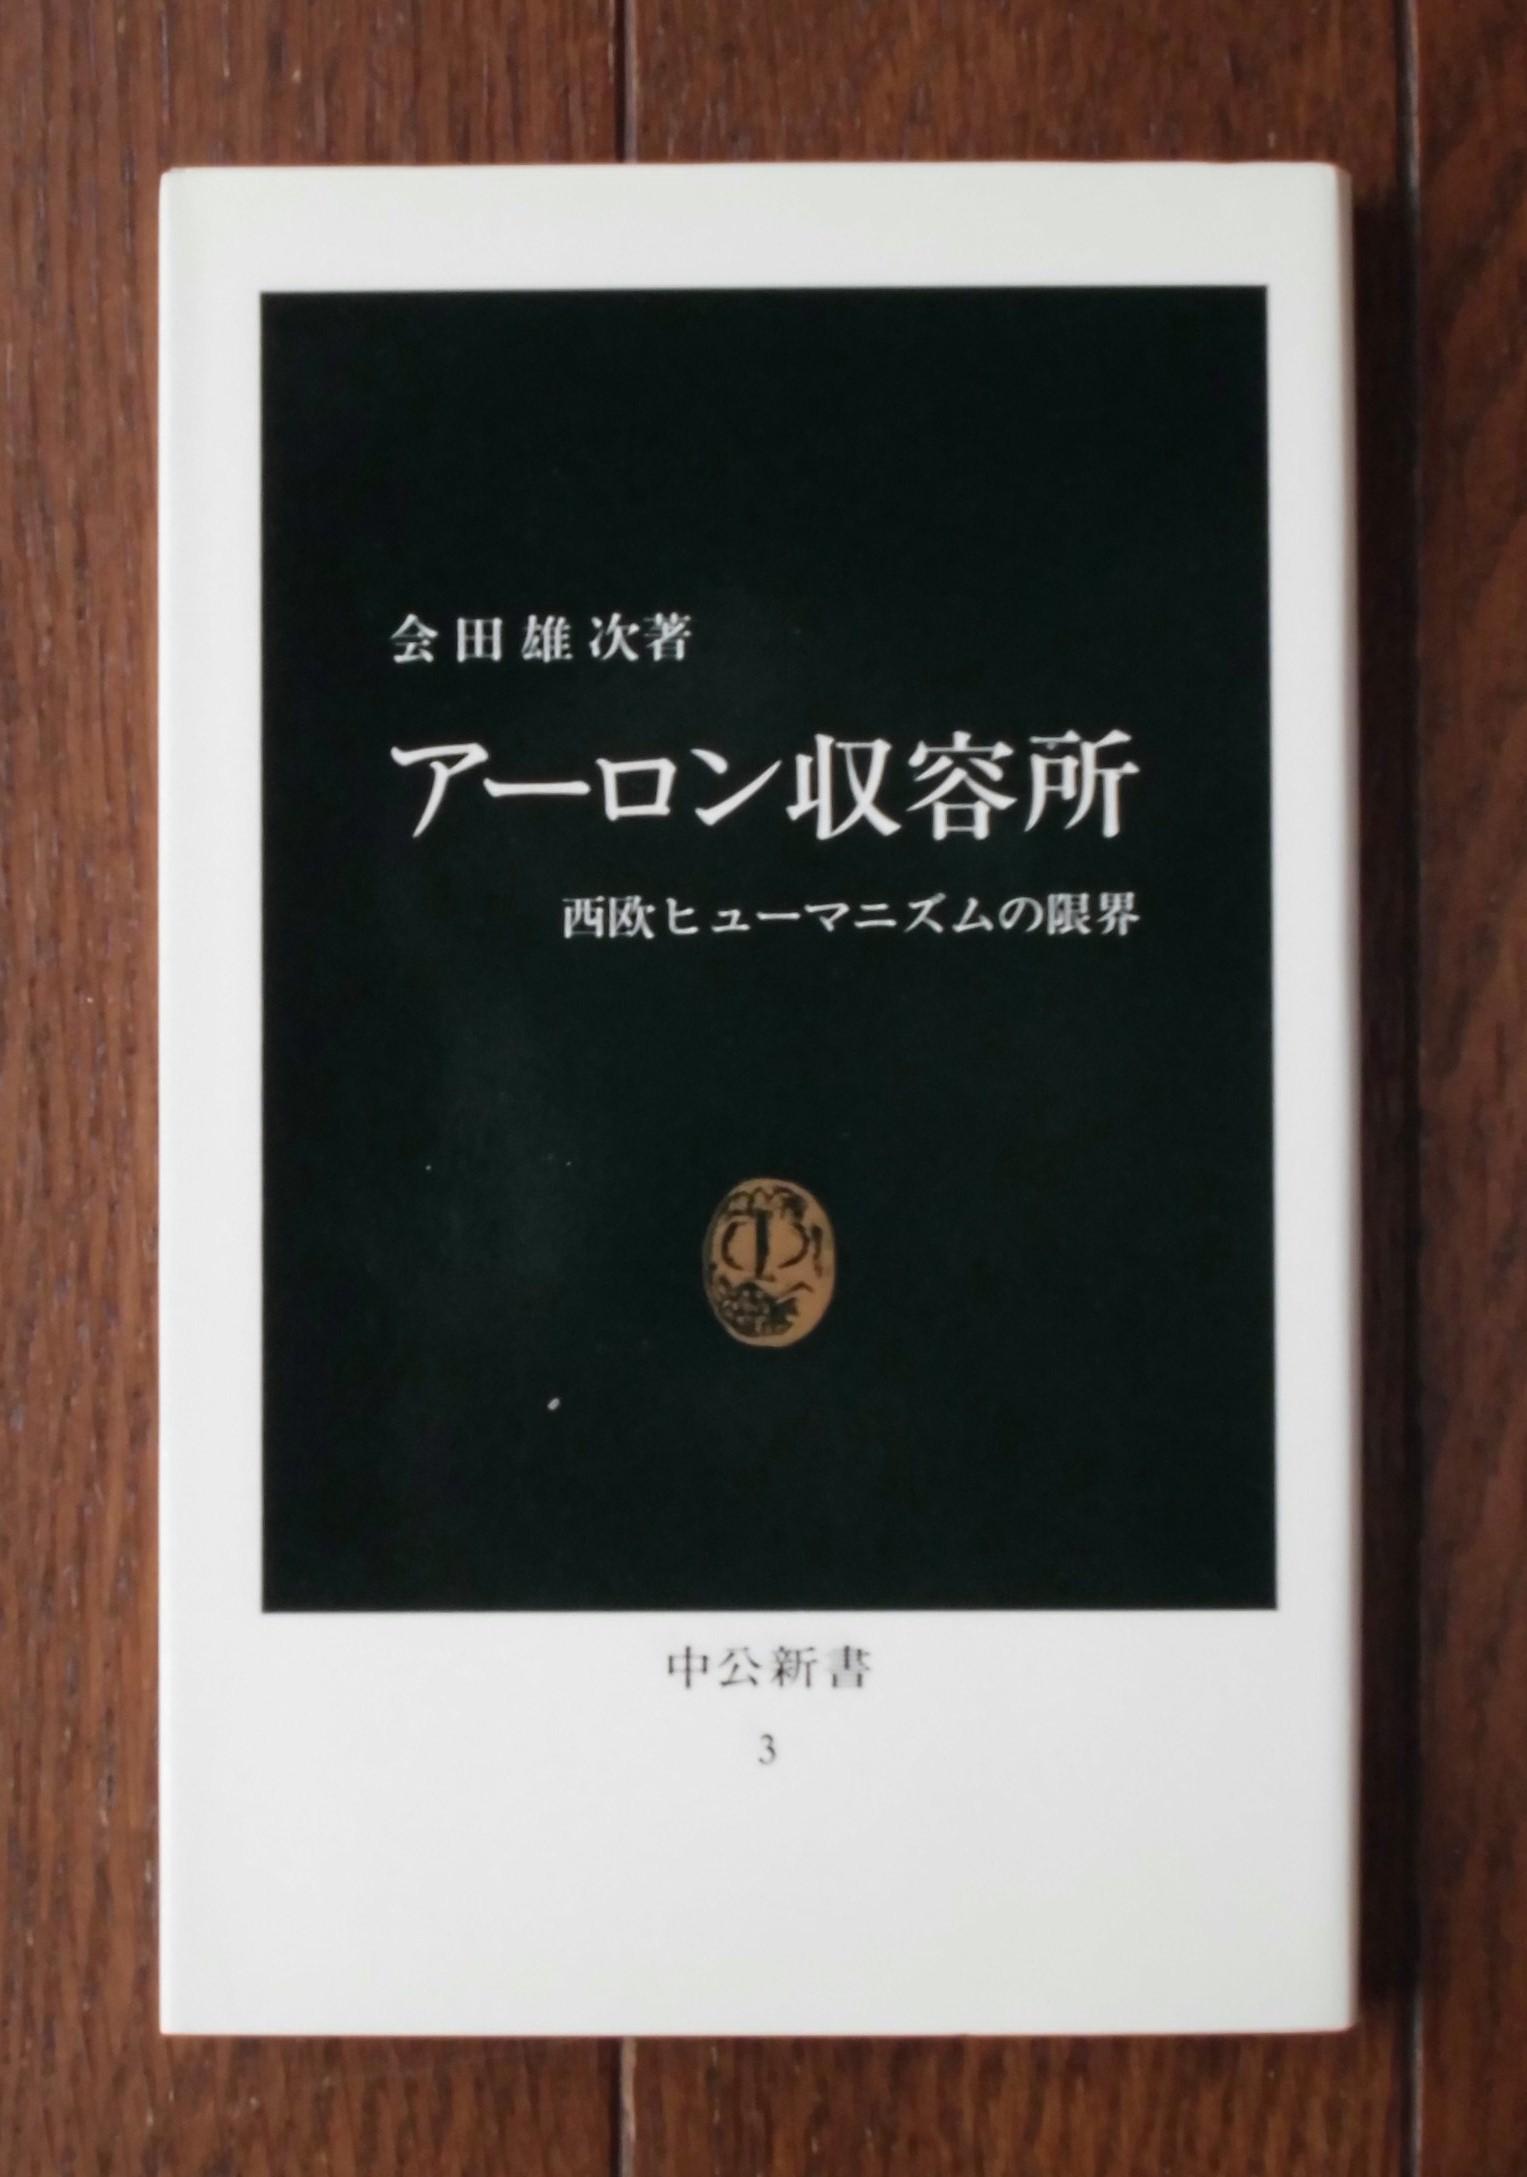 いびつな本棚   会田雄次『アーロン収容所』 コメントトラックバック